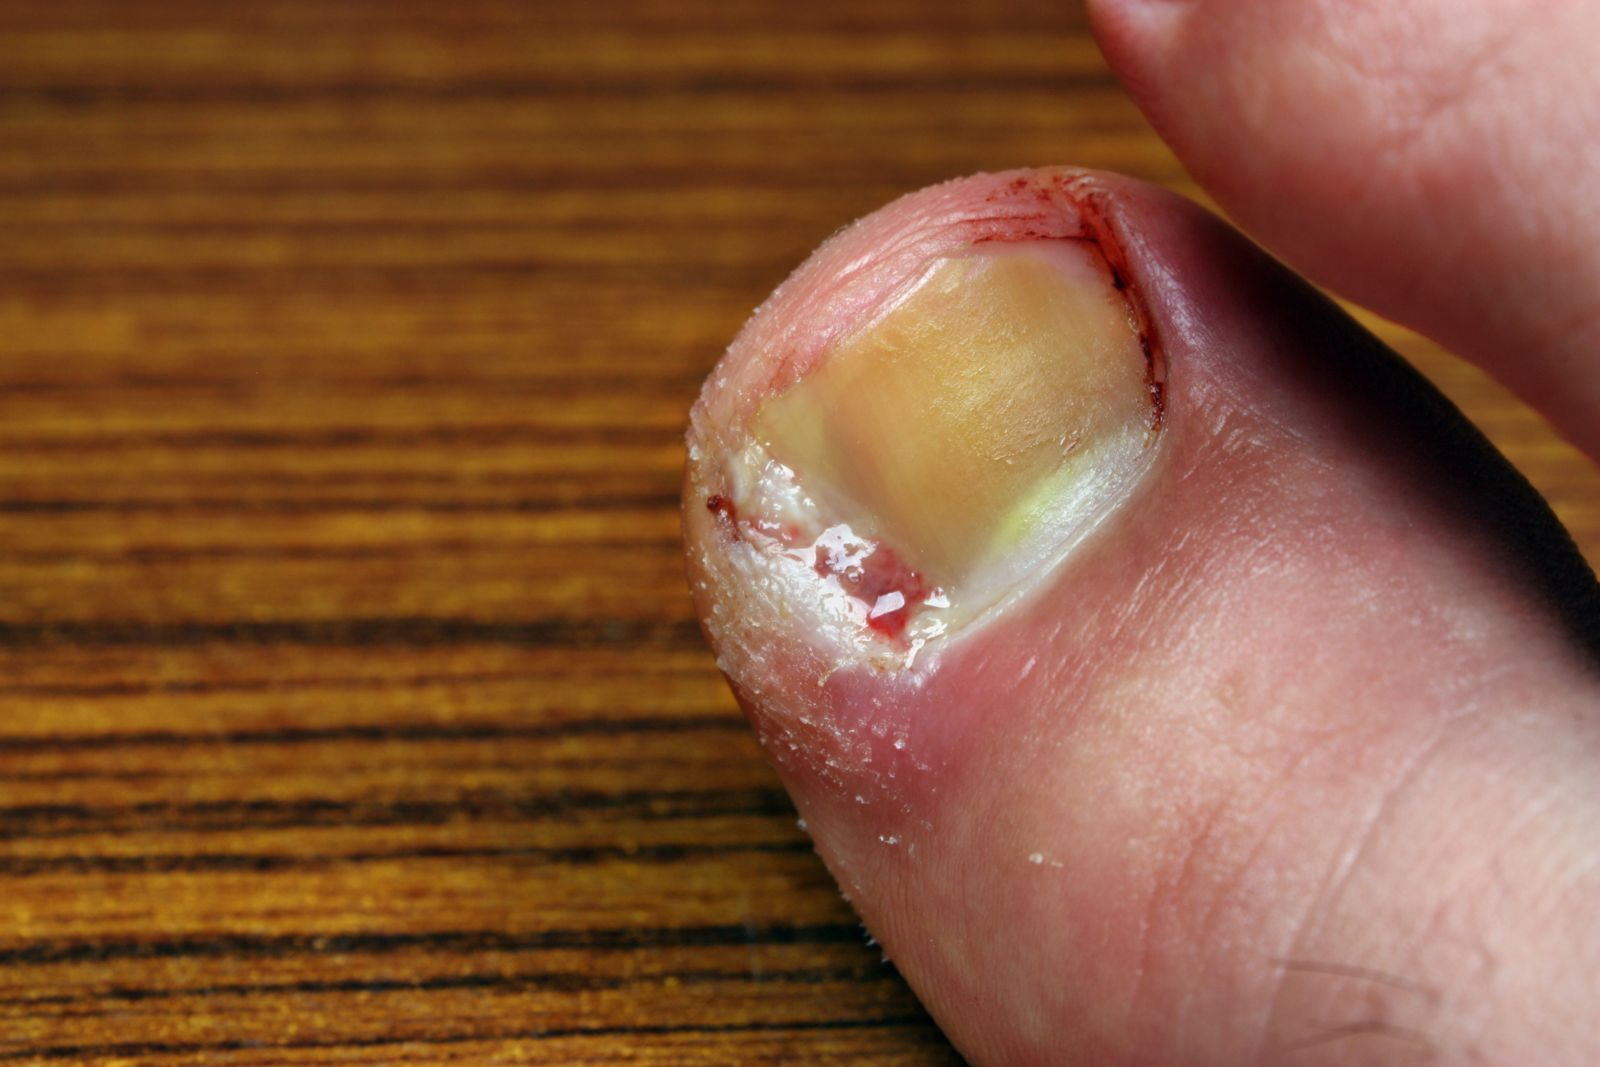 close up of an infected ingrown toenail